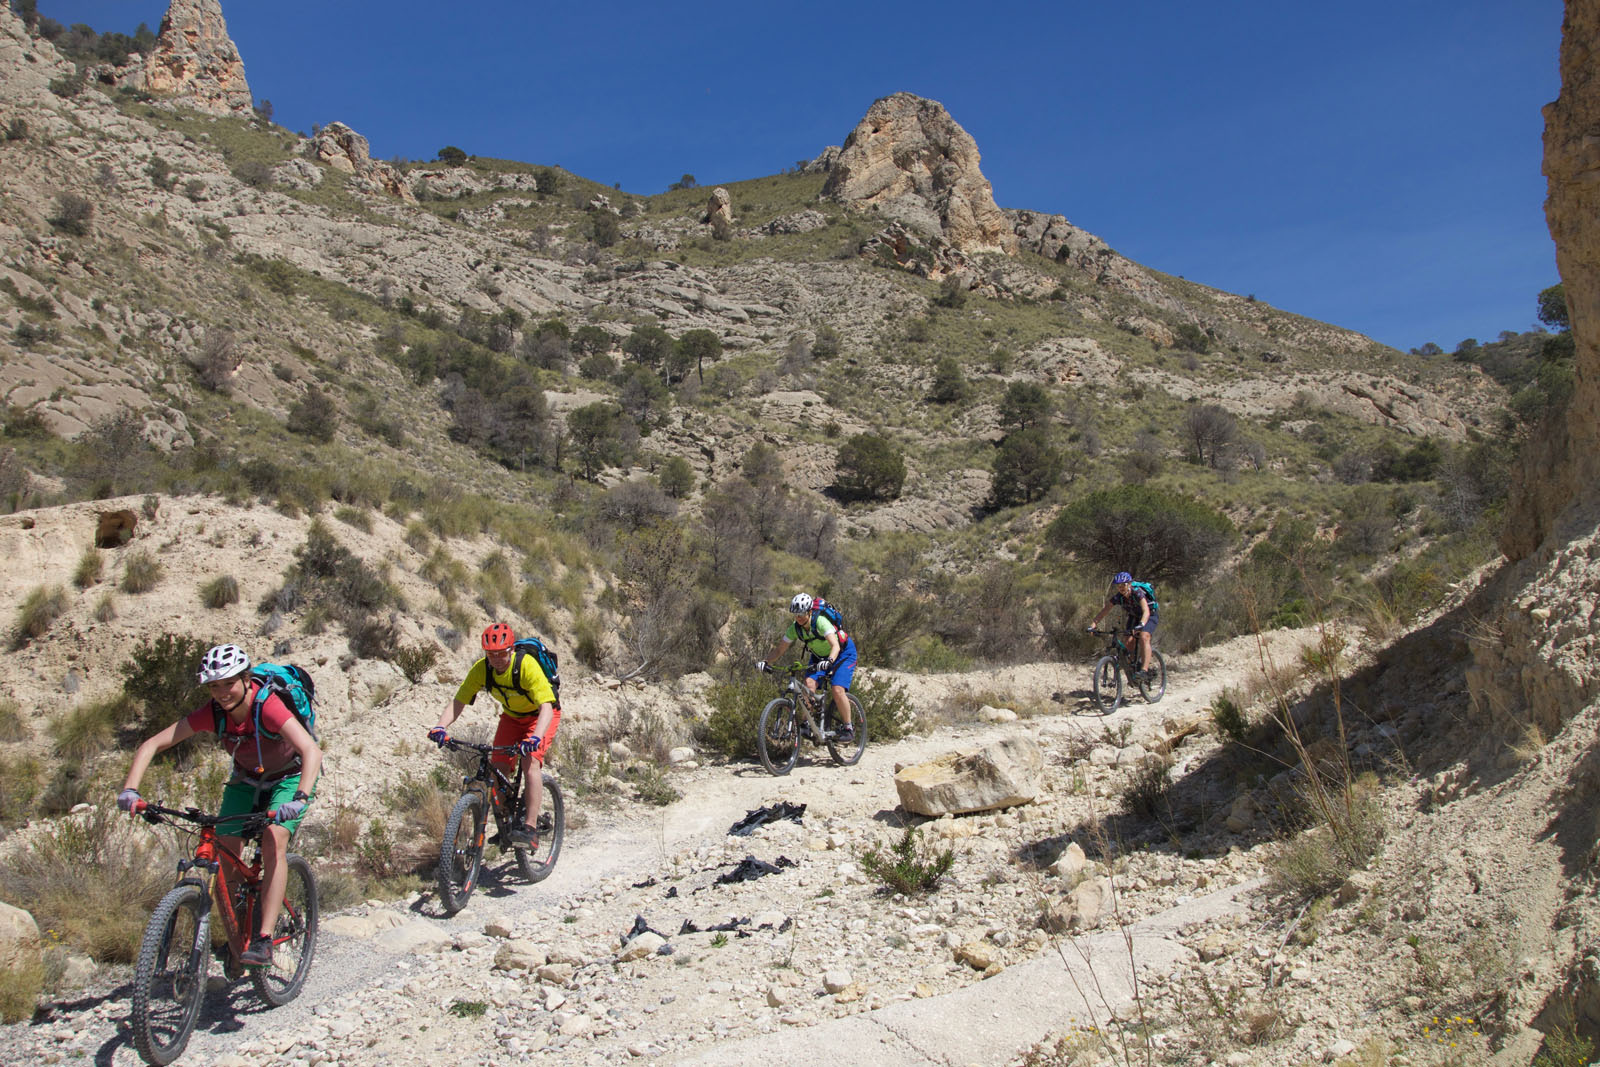 BIKE Trail Camp Alicante - Foto 2 / 3